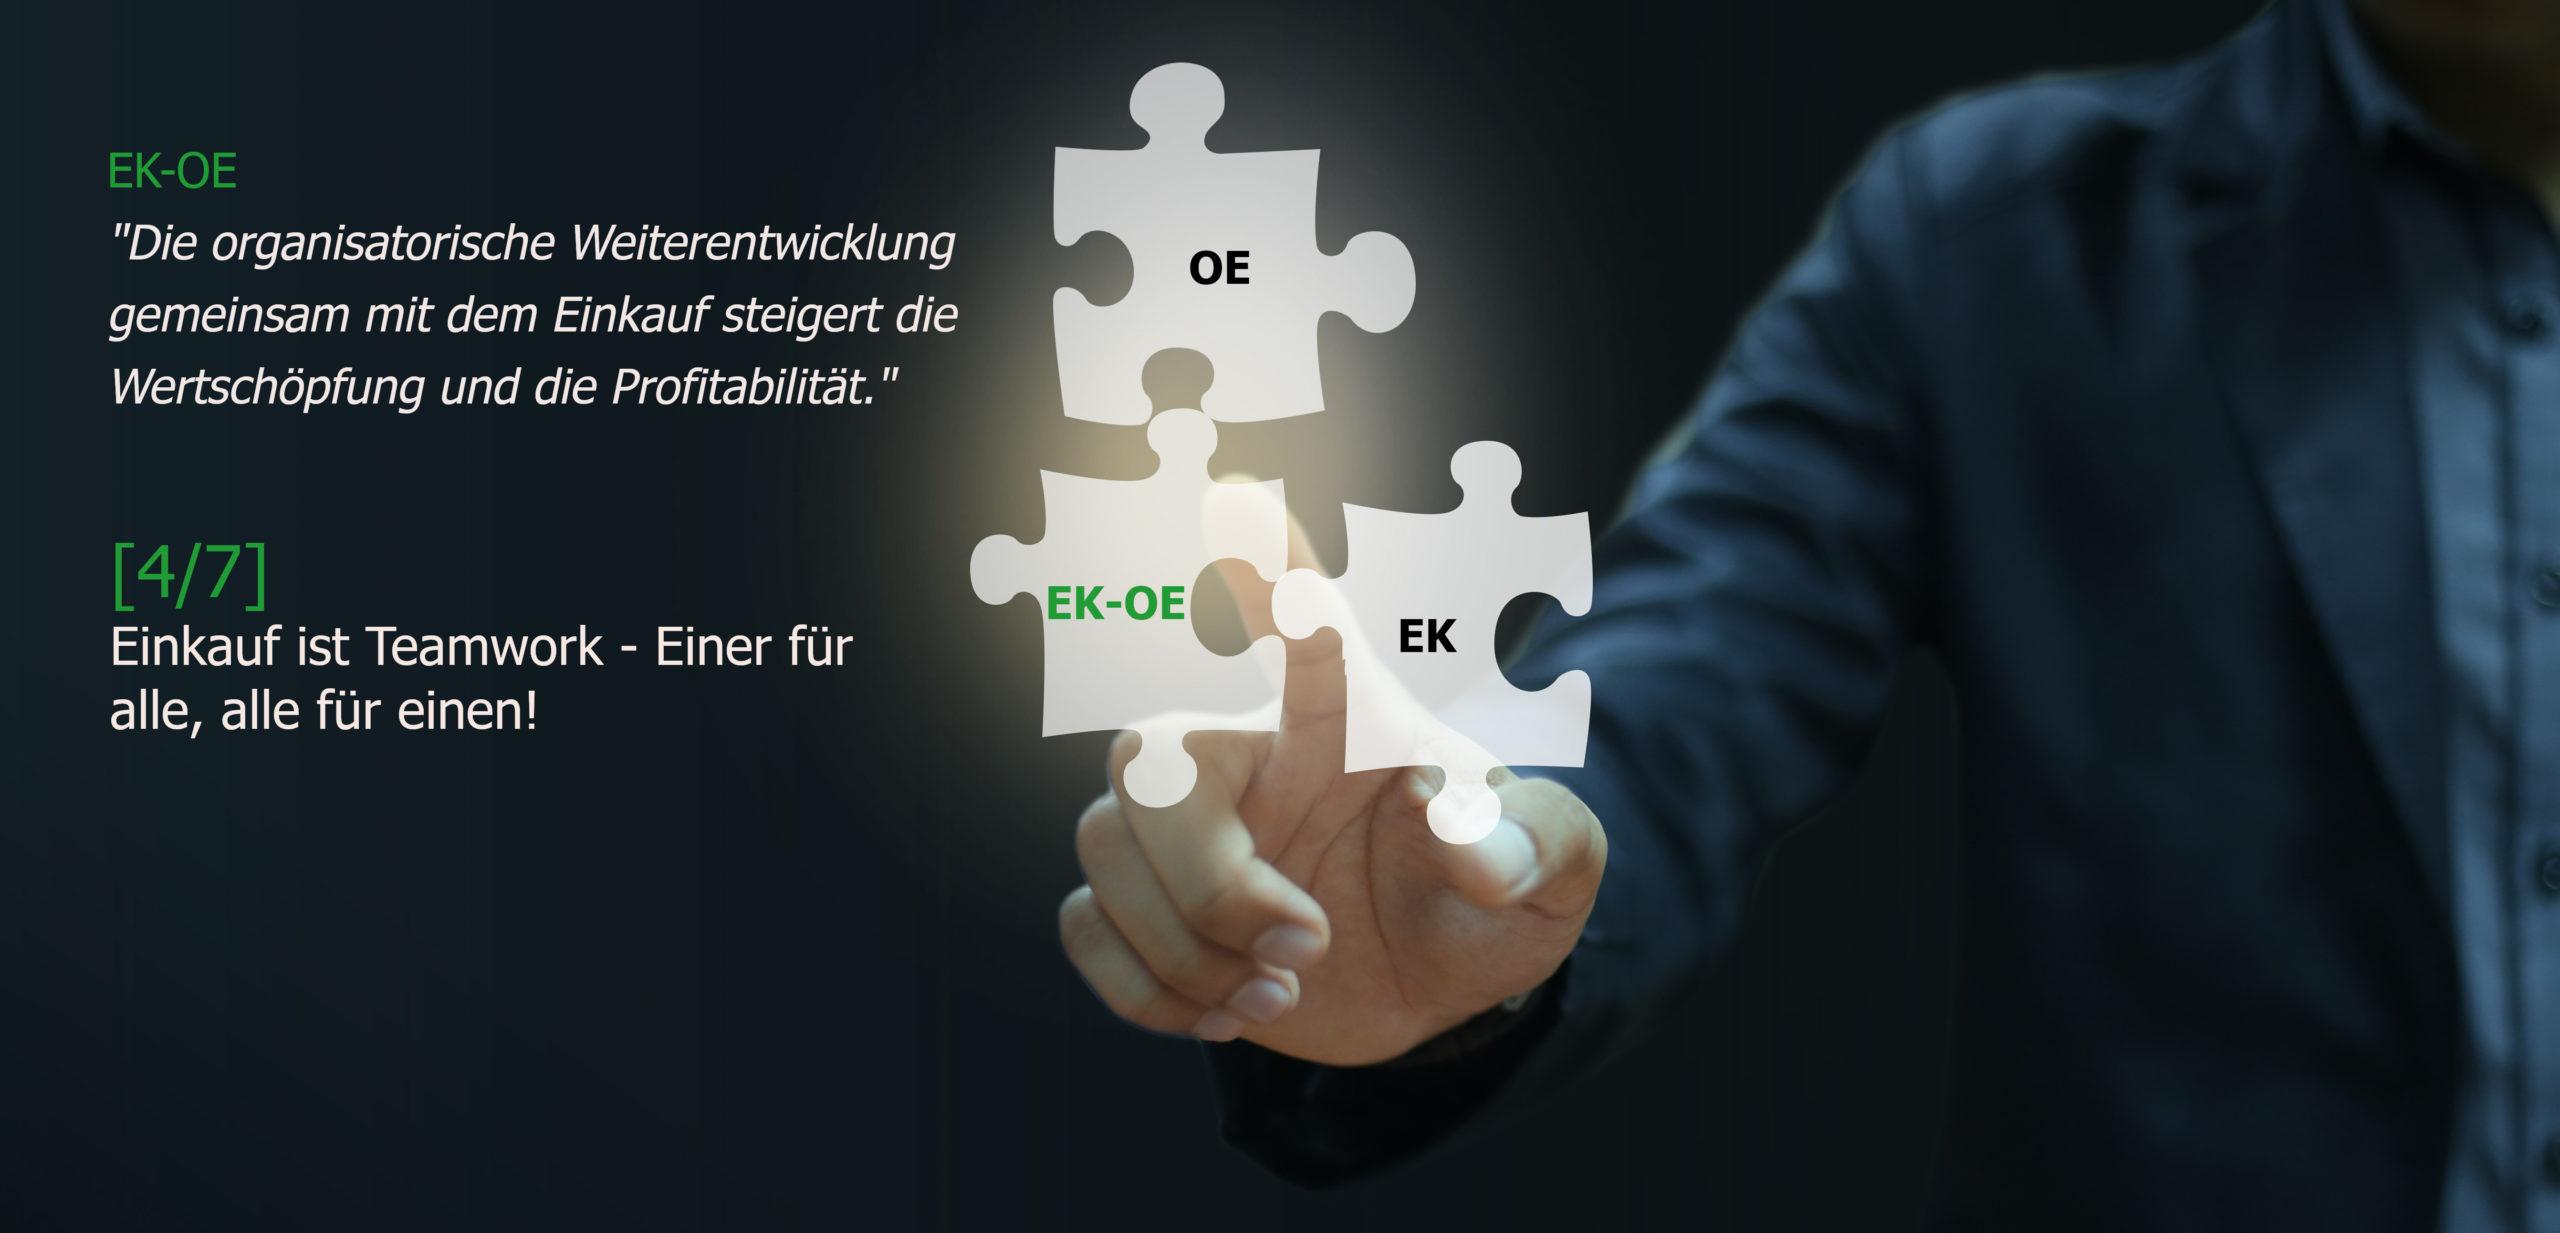 Einkauf ist Teamwork - Organisationsentwicklung, Einkaufsberatung, Change Coach, Coaching, Markus Kruse, Essen